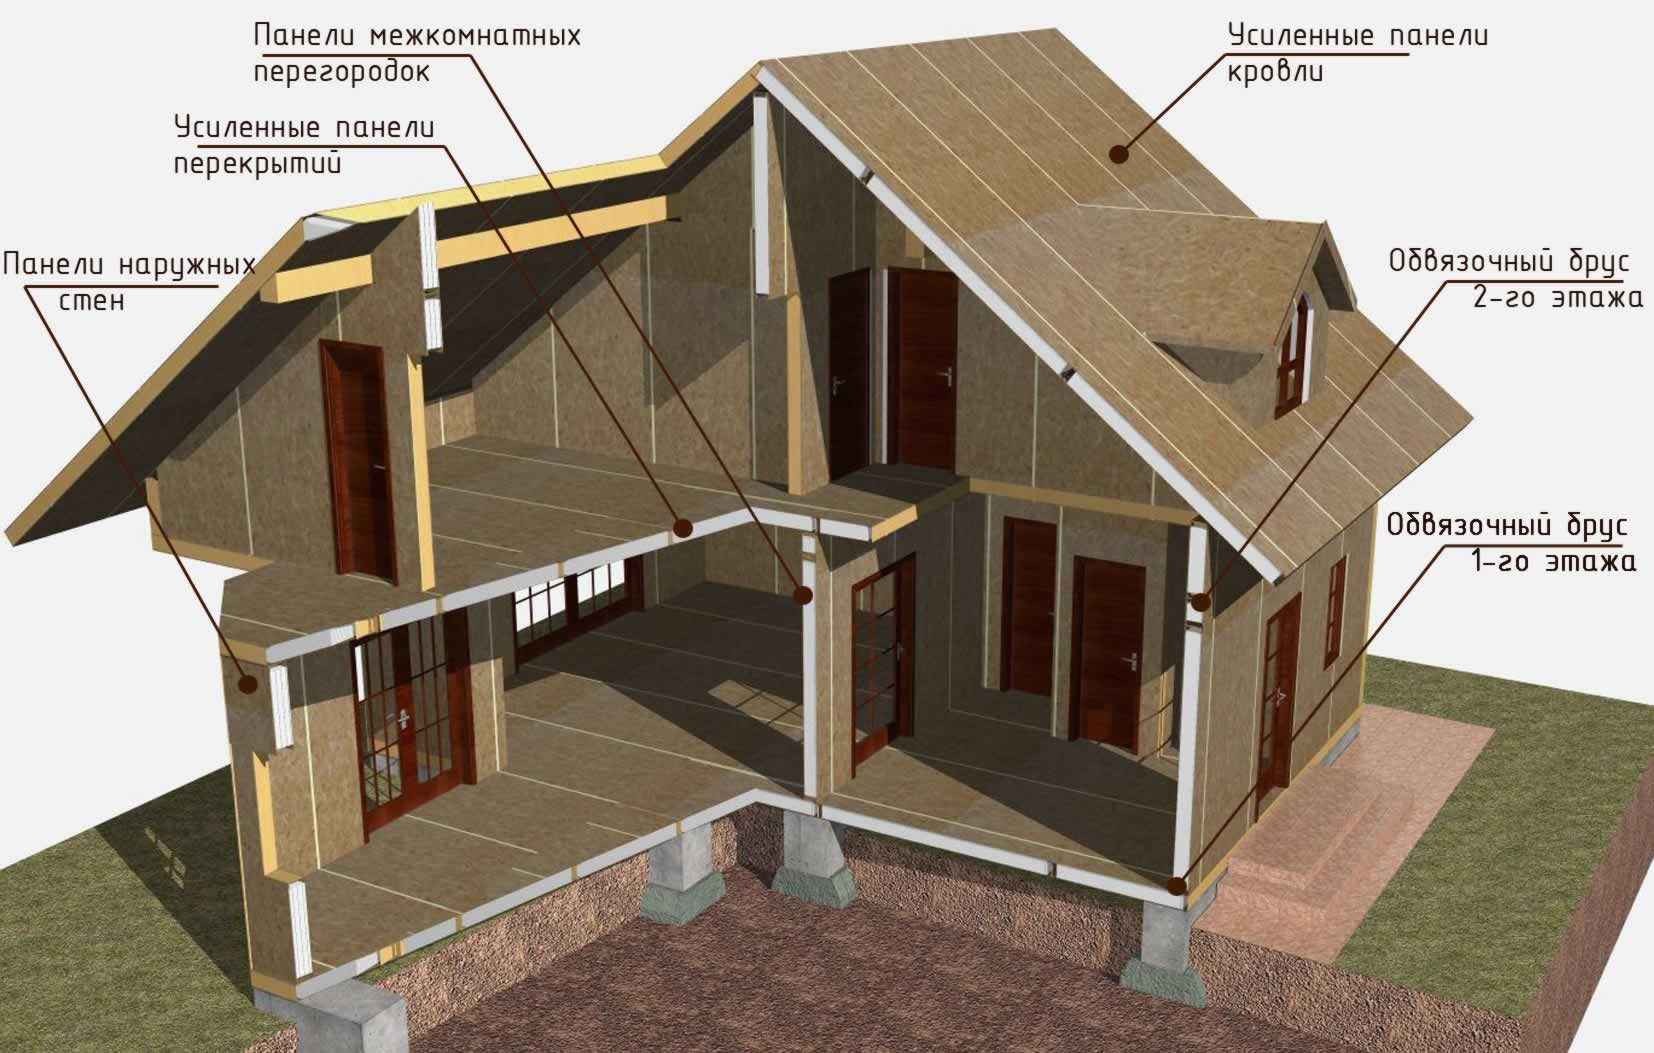 Конструкция щитового дома.